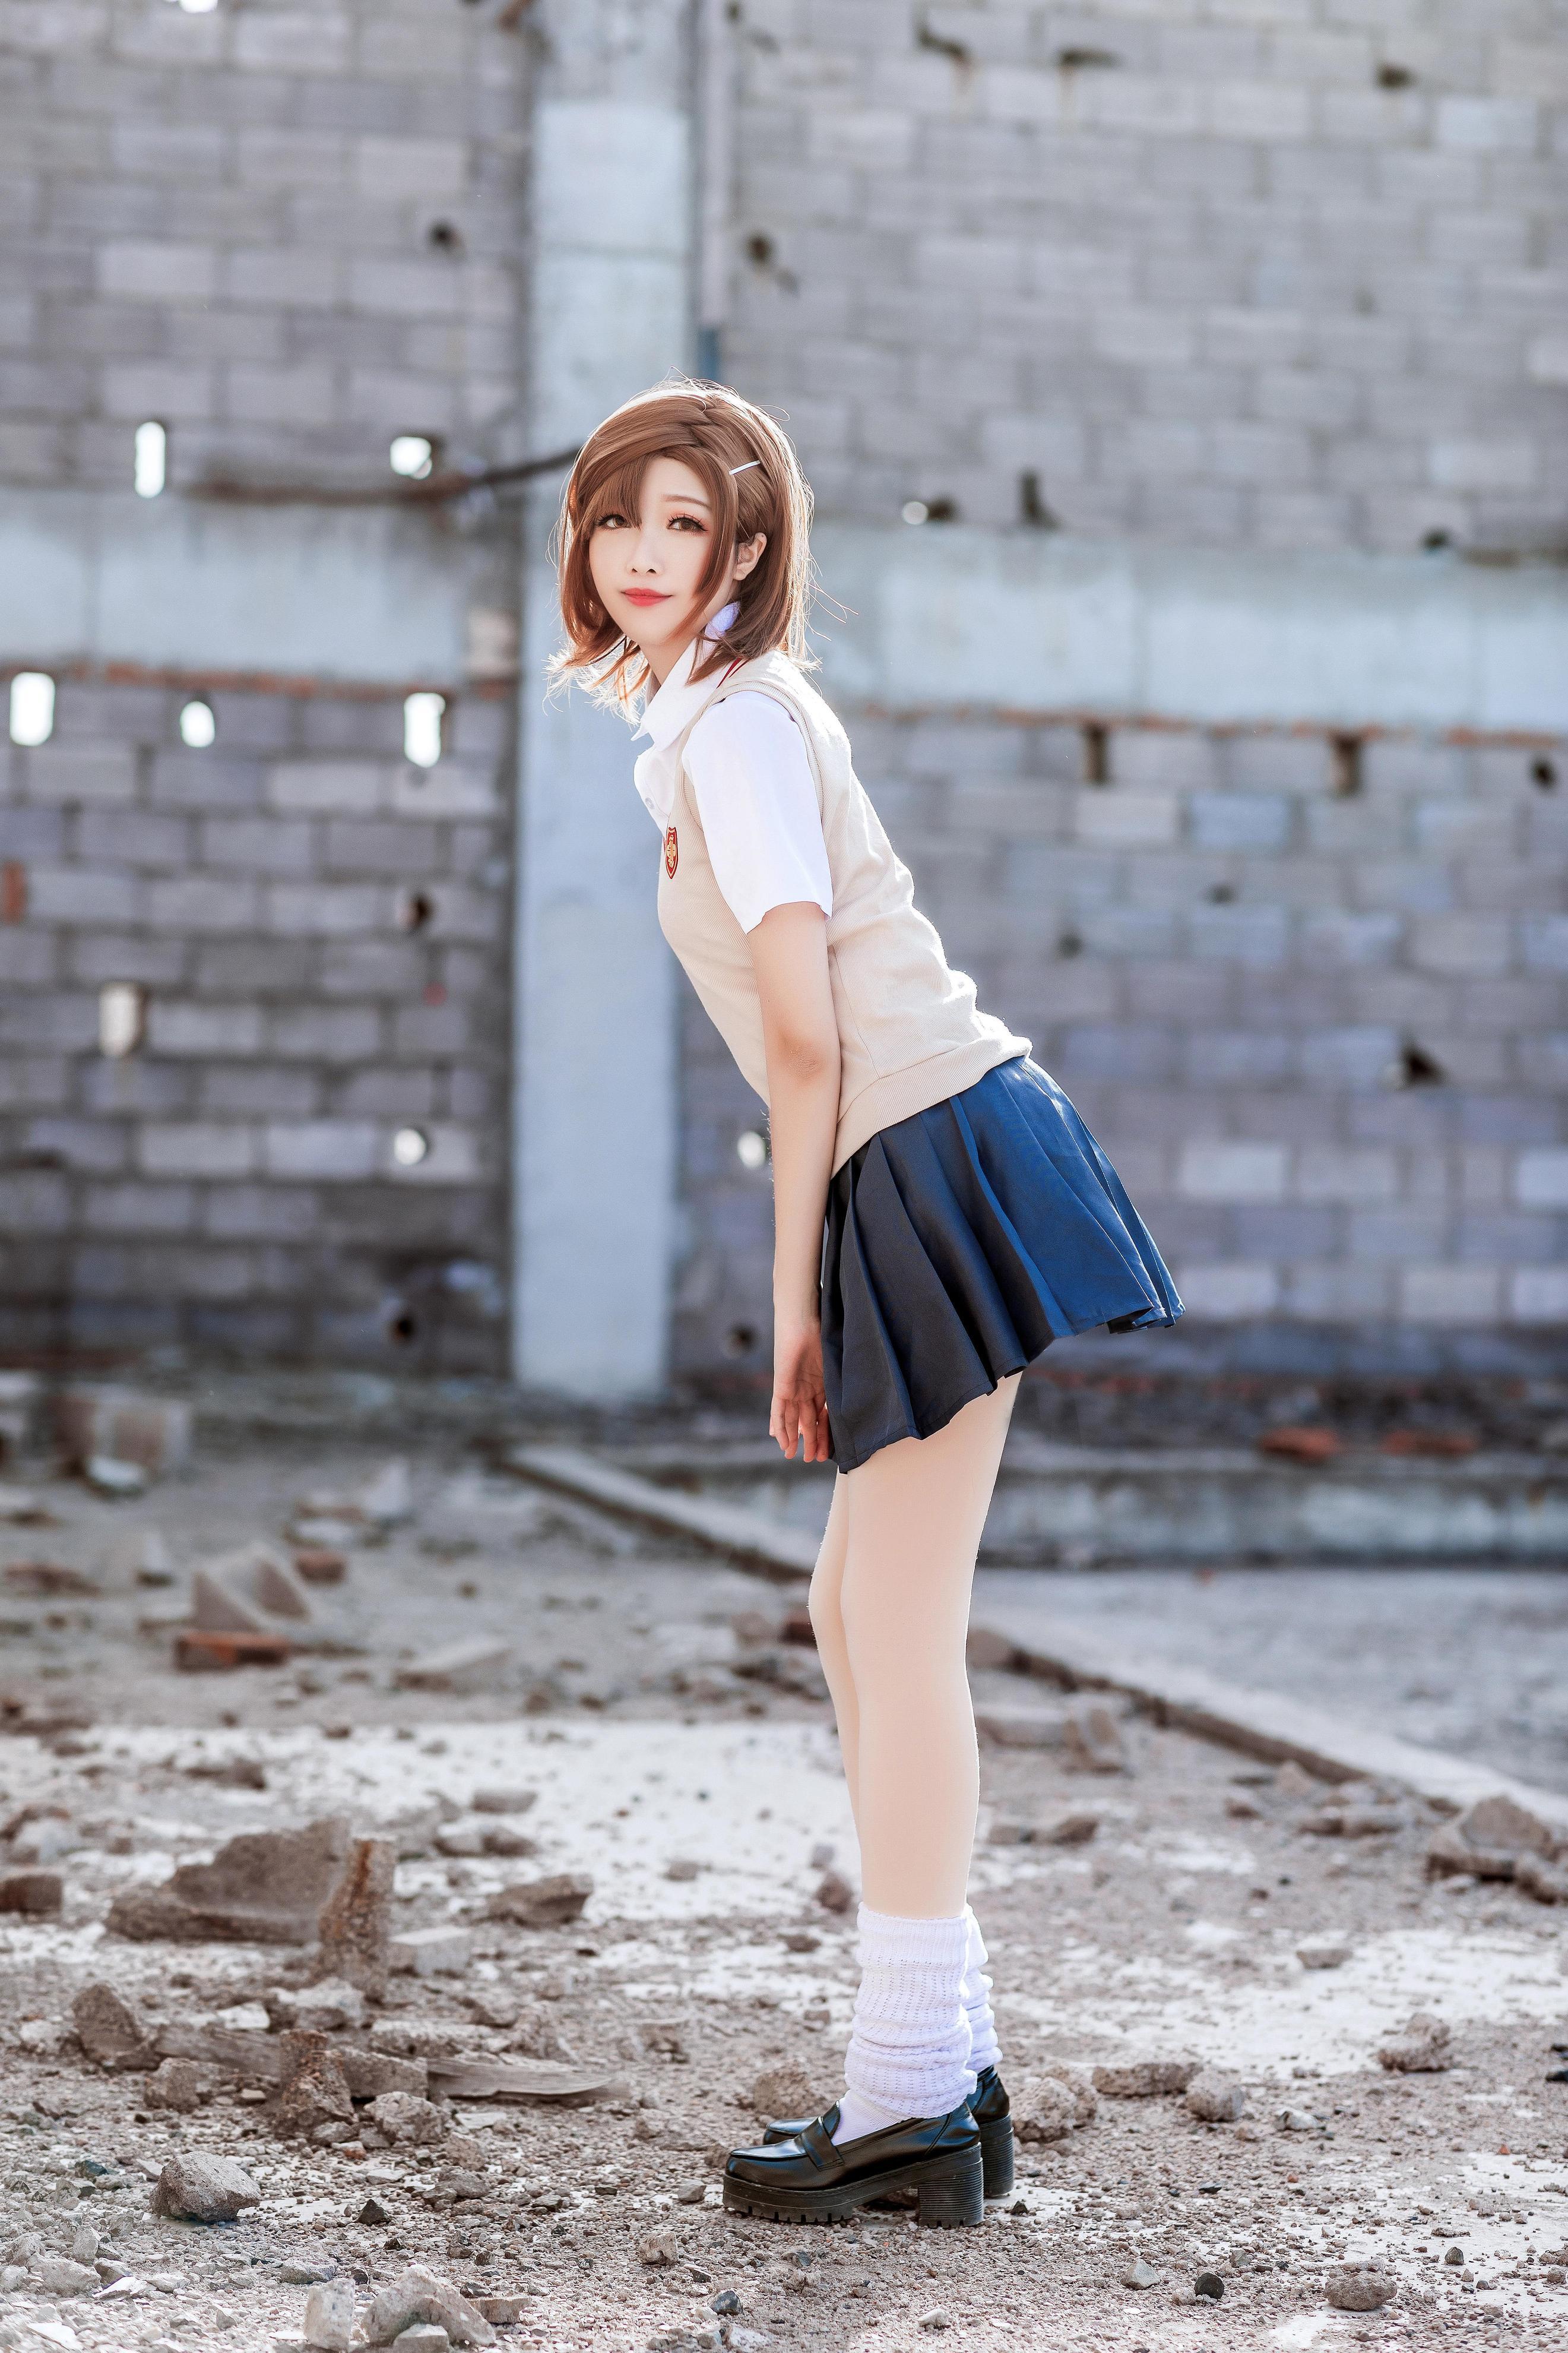 御坂美琴cosplay【CN:软糖甜吗甜吗甜吗】-第8张